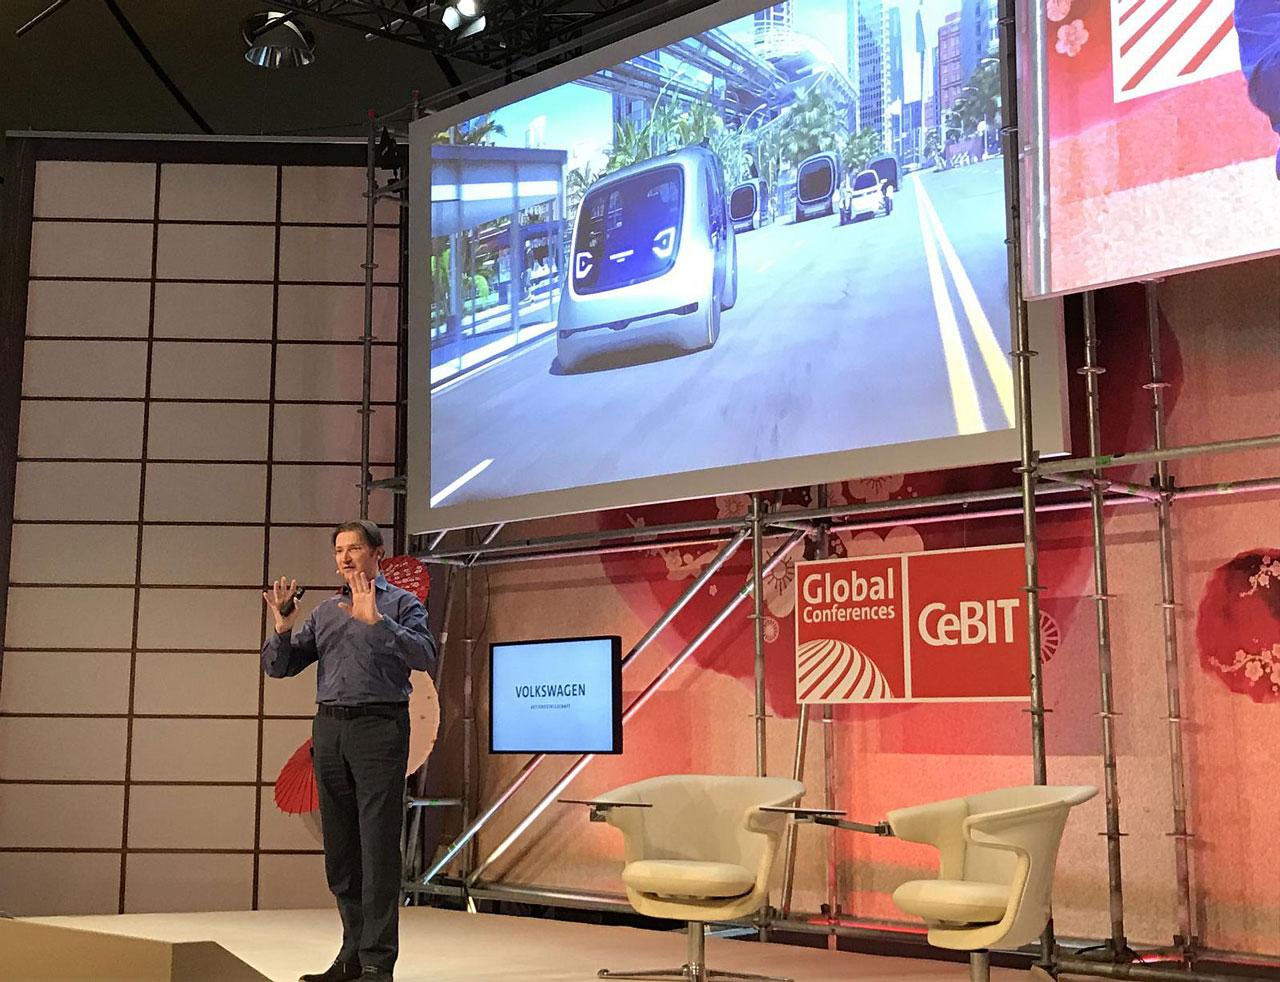 Volkswagen stellte auf der CeBIT 2017 unter anderem ein Konzept vor, bei dem Supercomputer komplexe Verkehrsströme dirigieren.